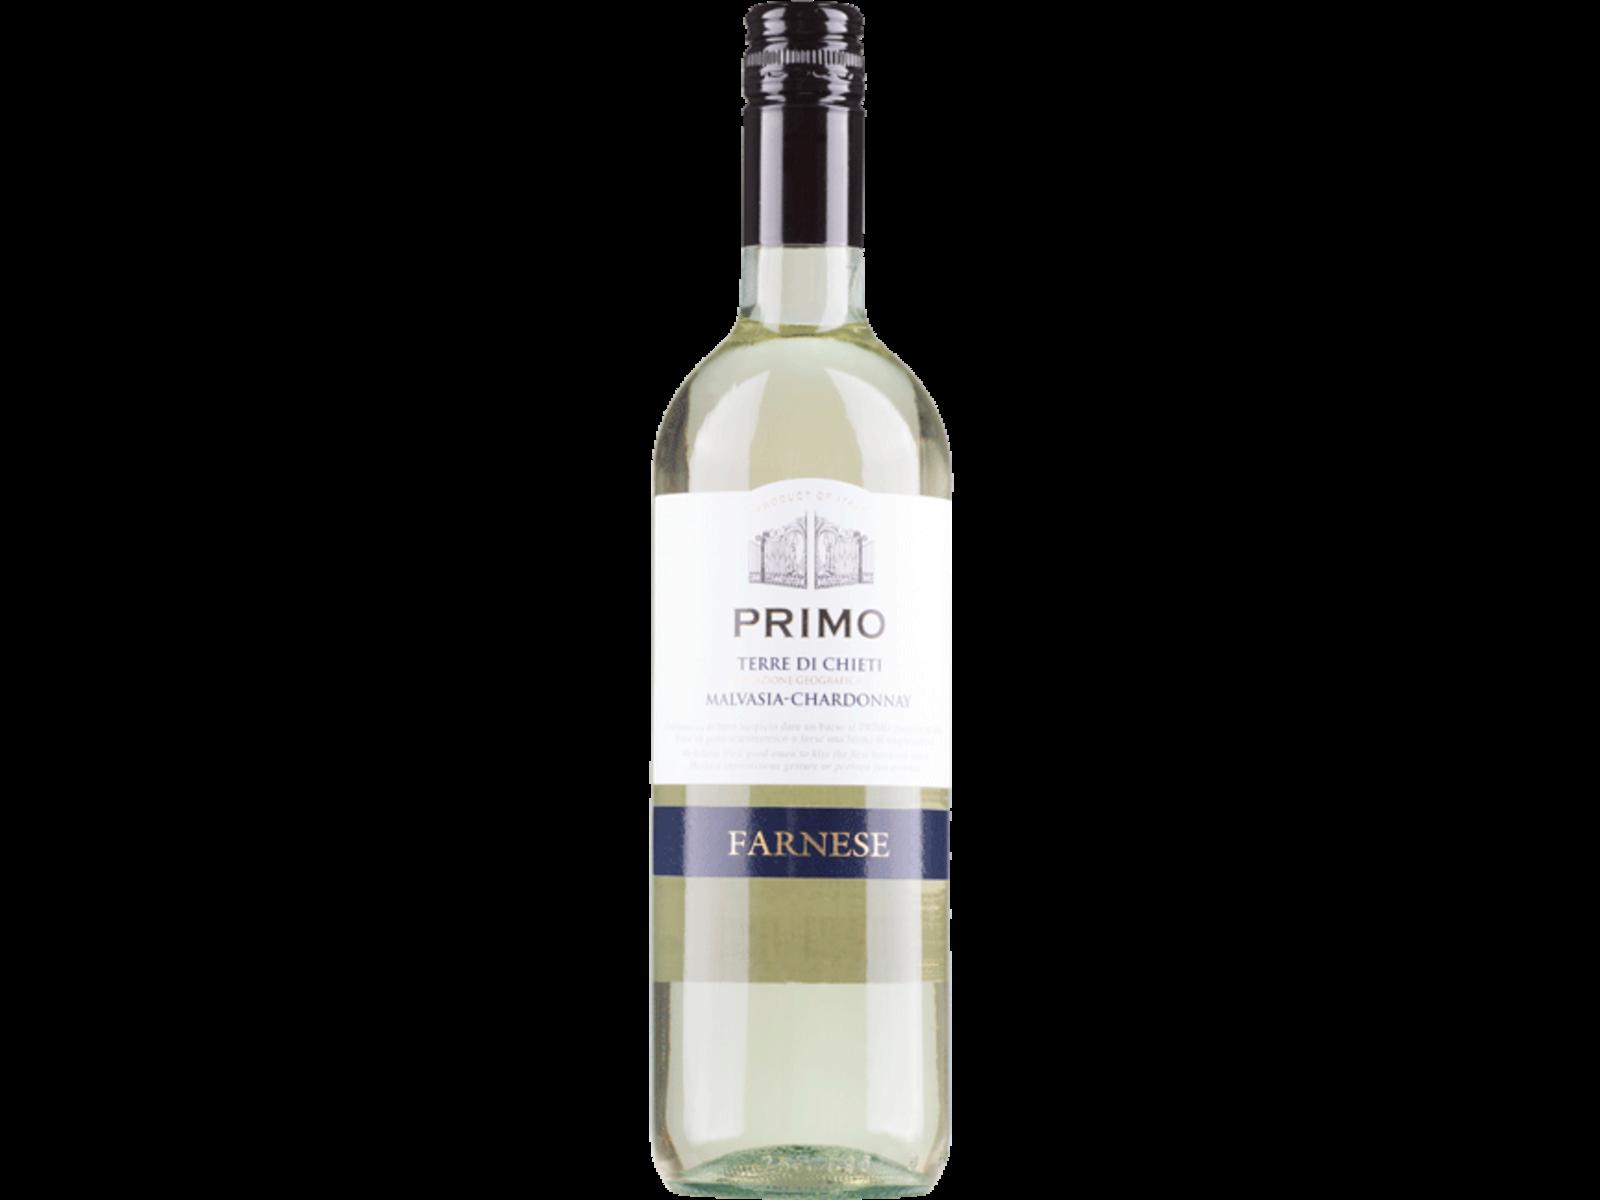 Farnese Vini PRIMO Malvasia / Chardonnay